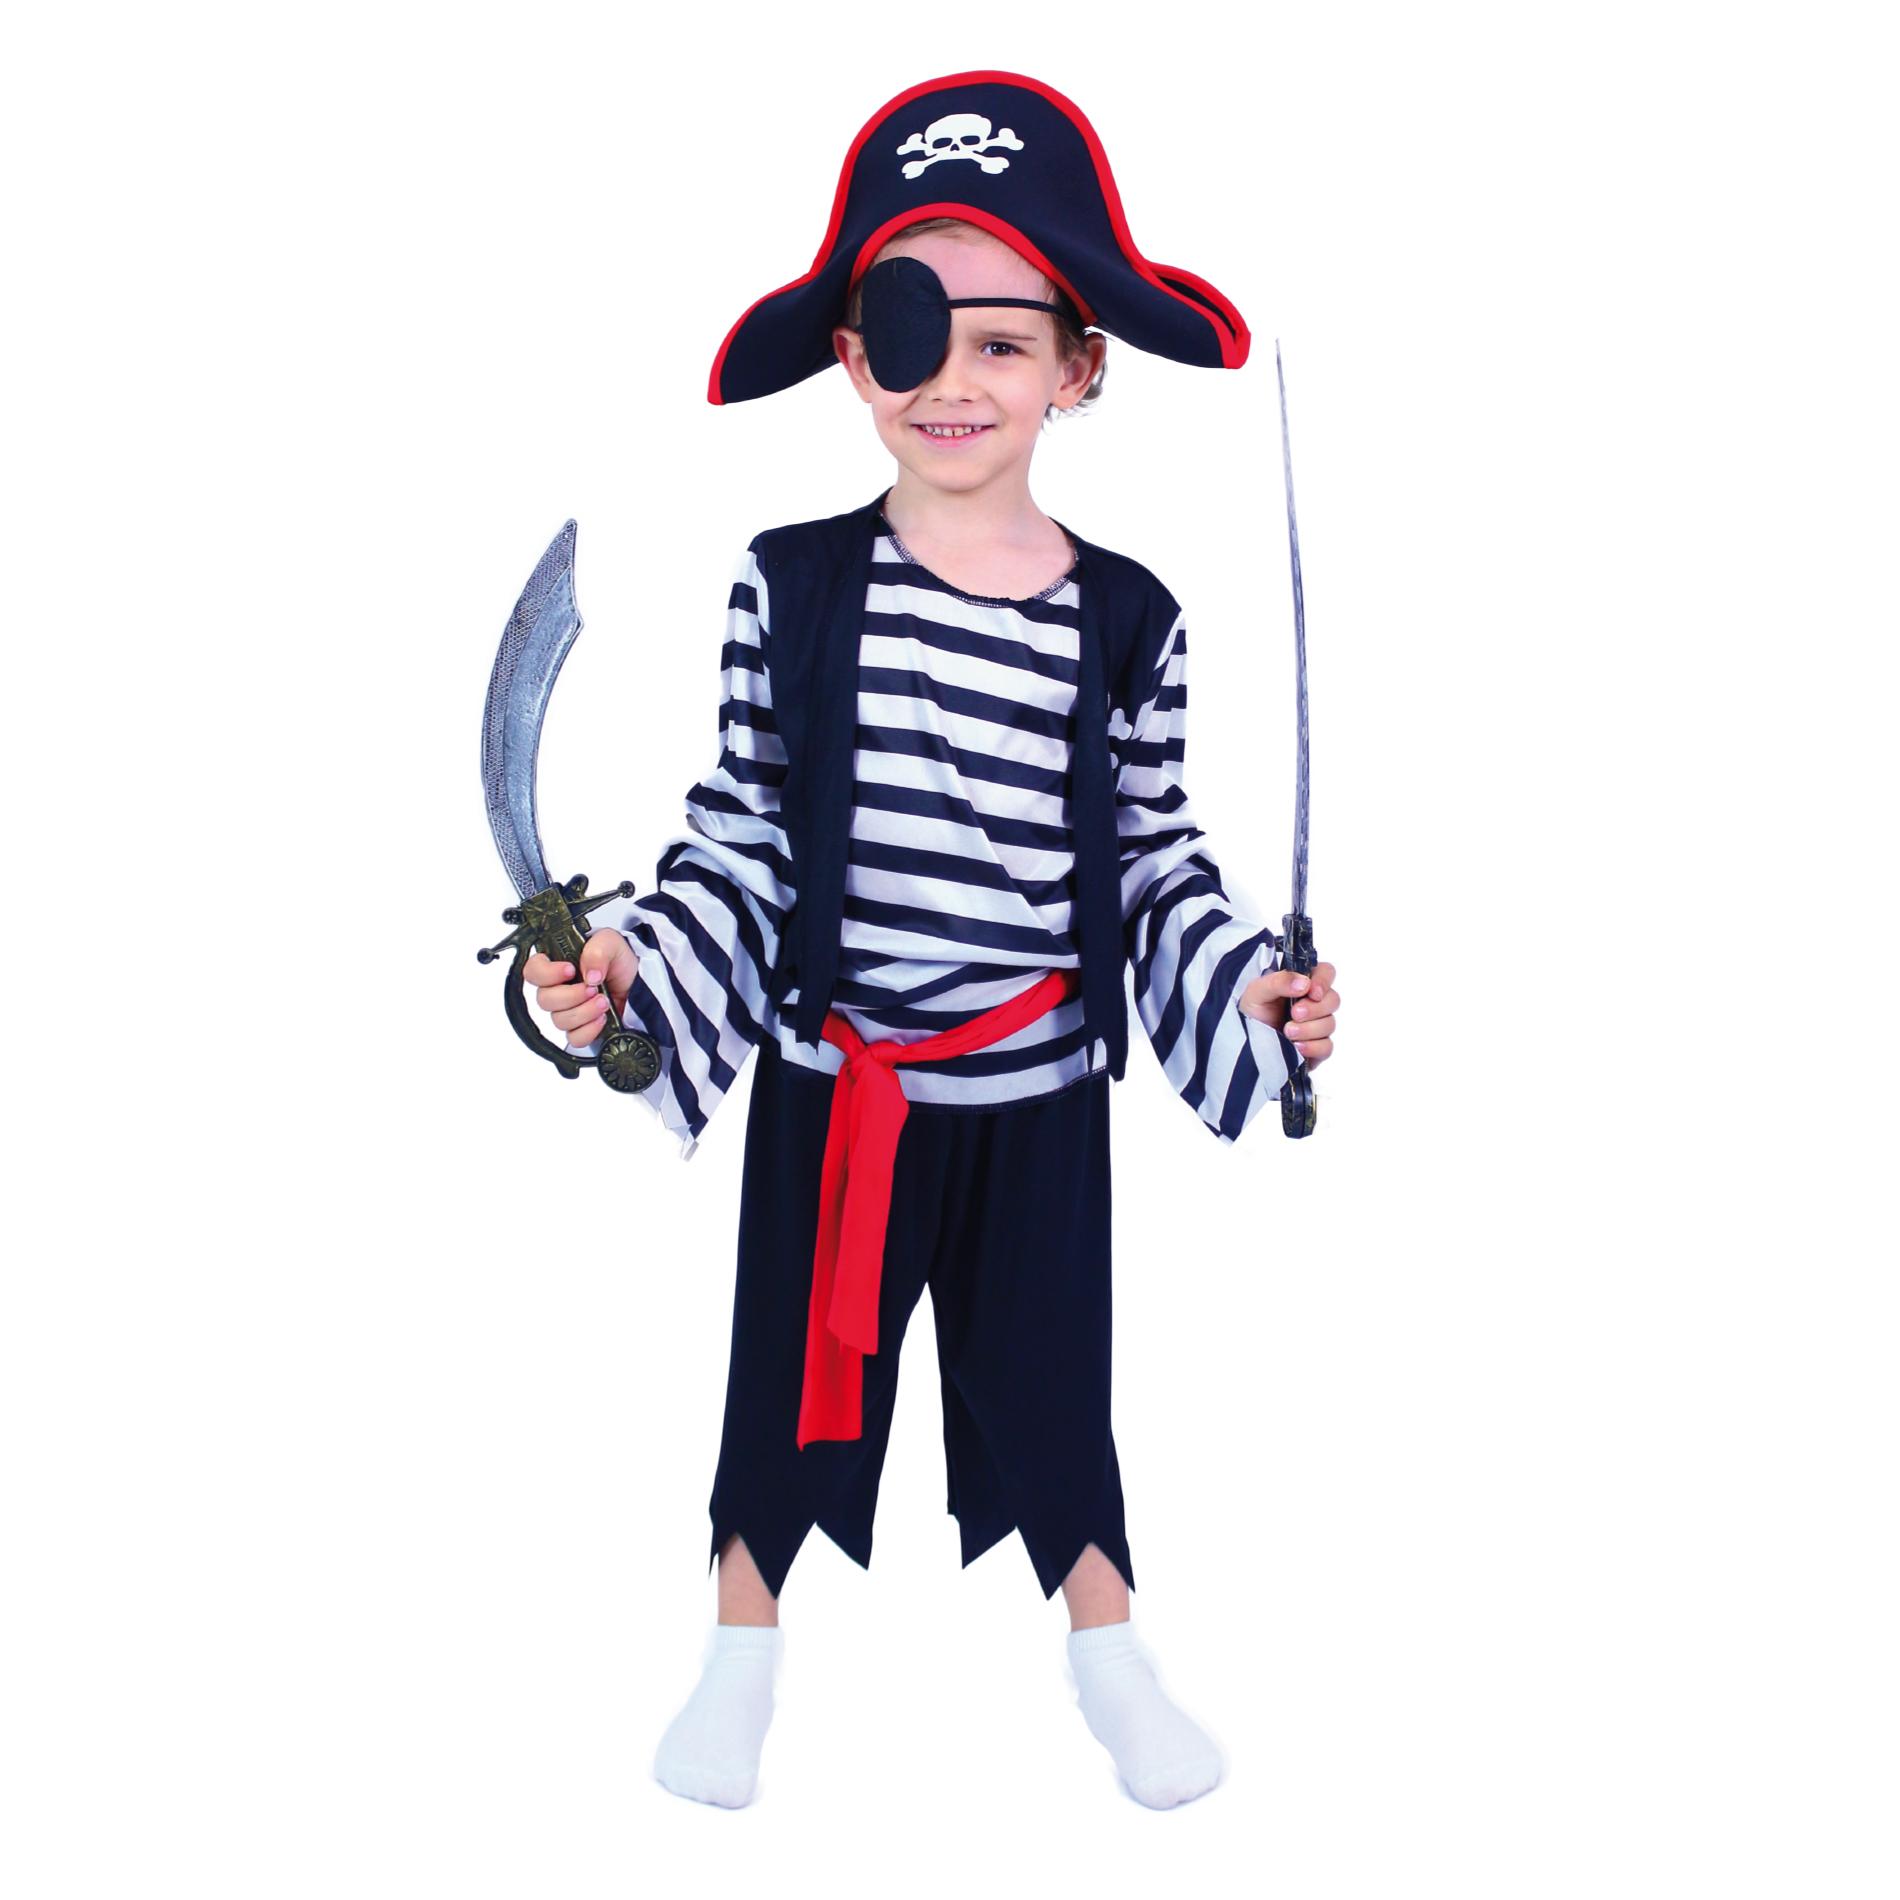 Dětský kostým pirát (M)